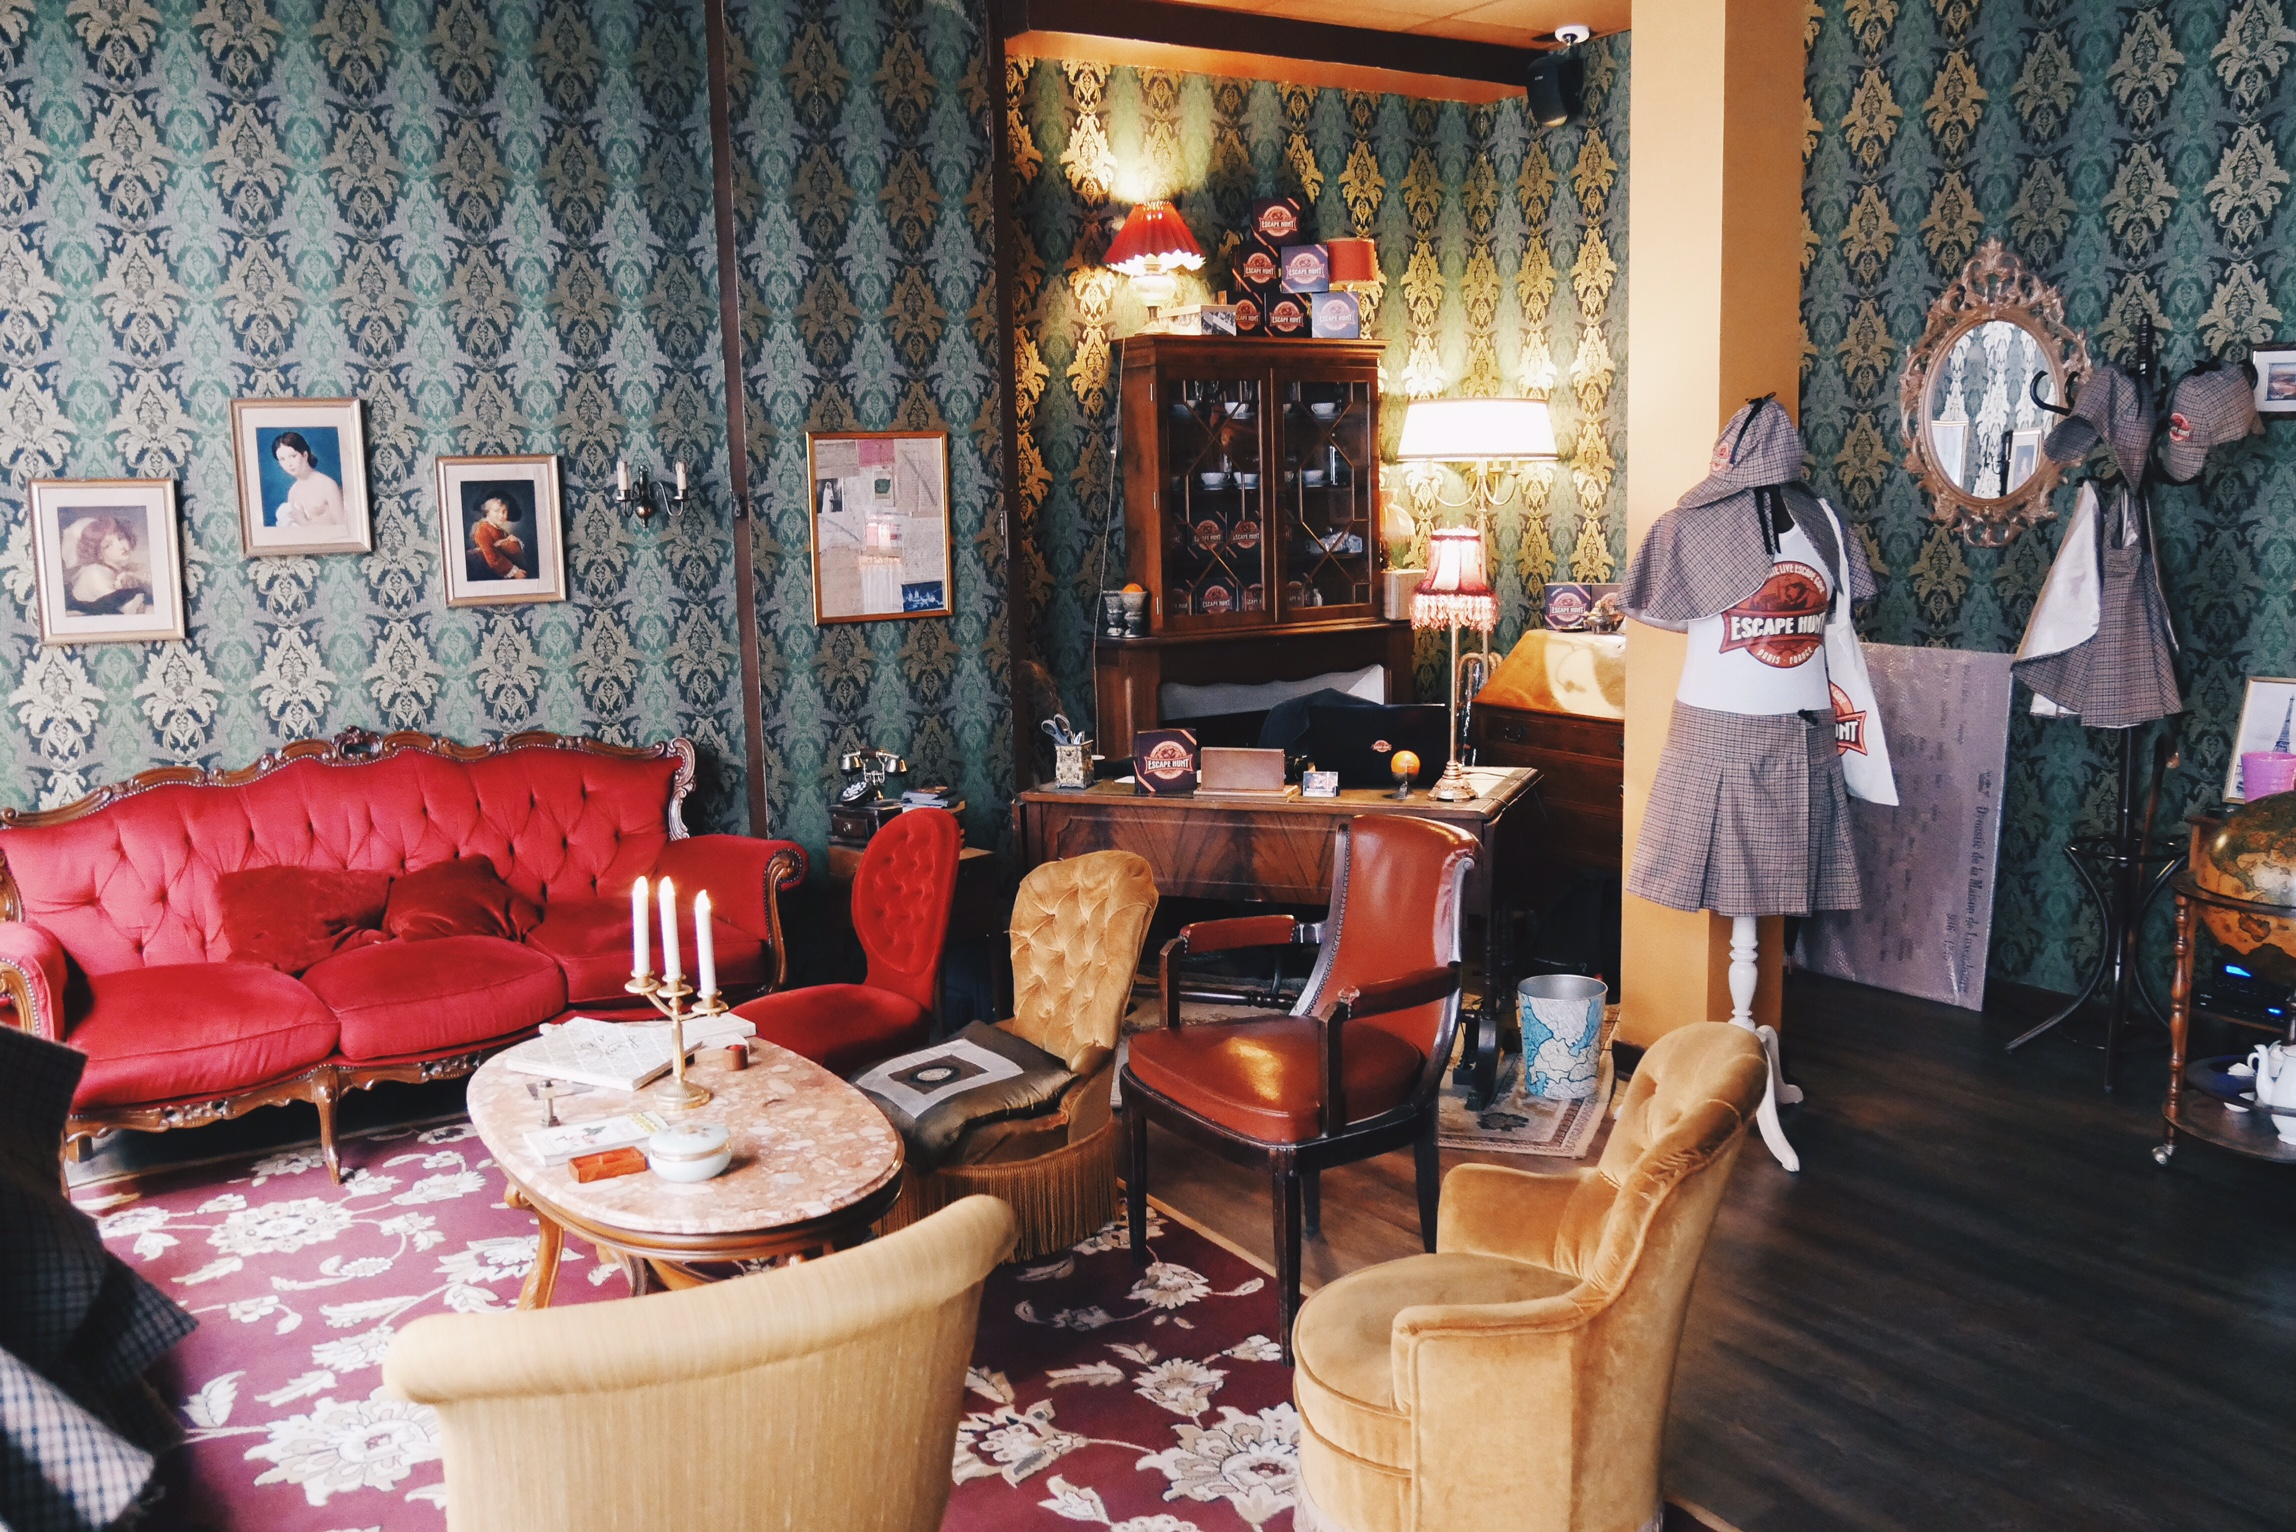 Escape-Hunt-Paris-salon-accueil-vintage-live-escape-game-france-Poursuite-dans-le-métropolitan-Crime-au-Cabaret-photo-usofparis-blog